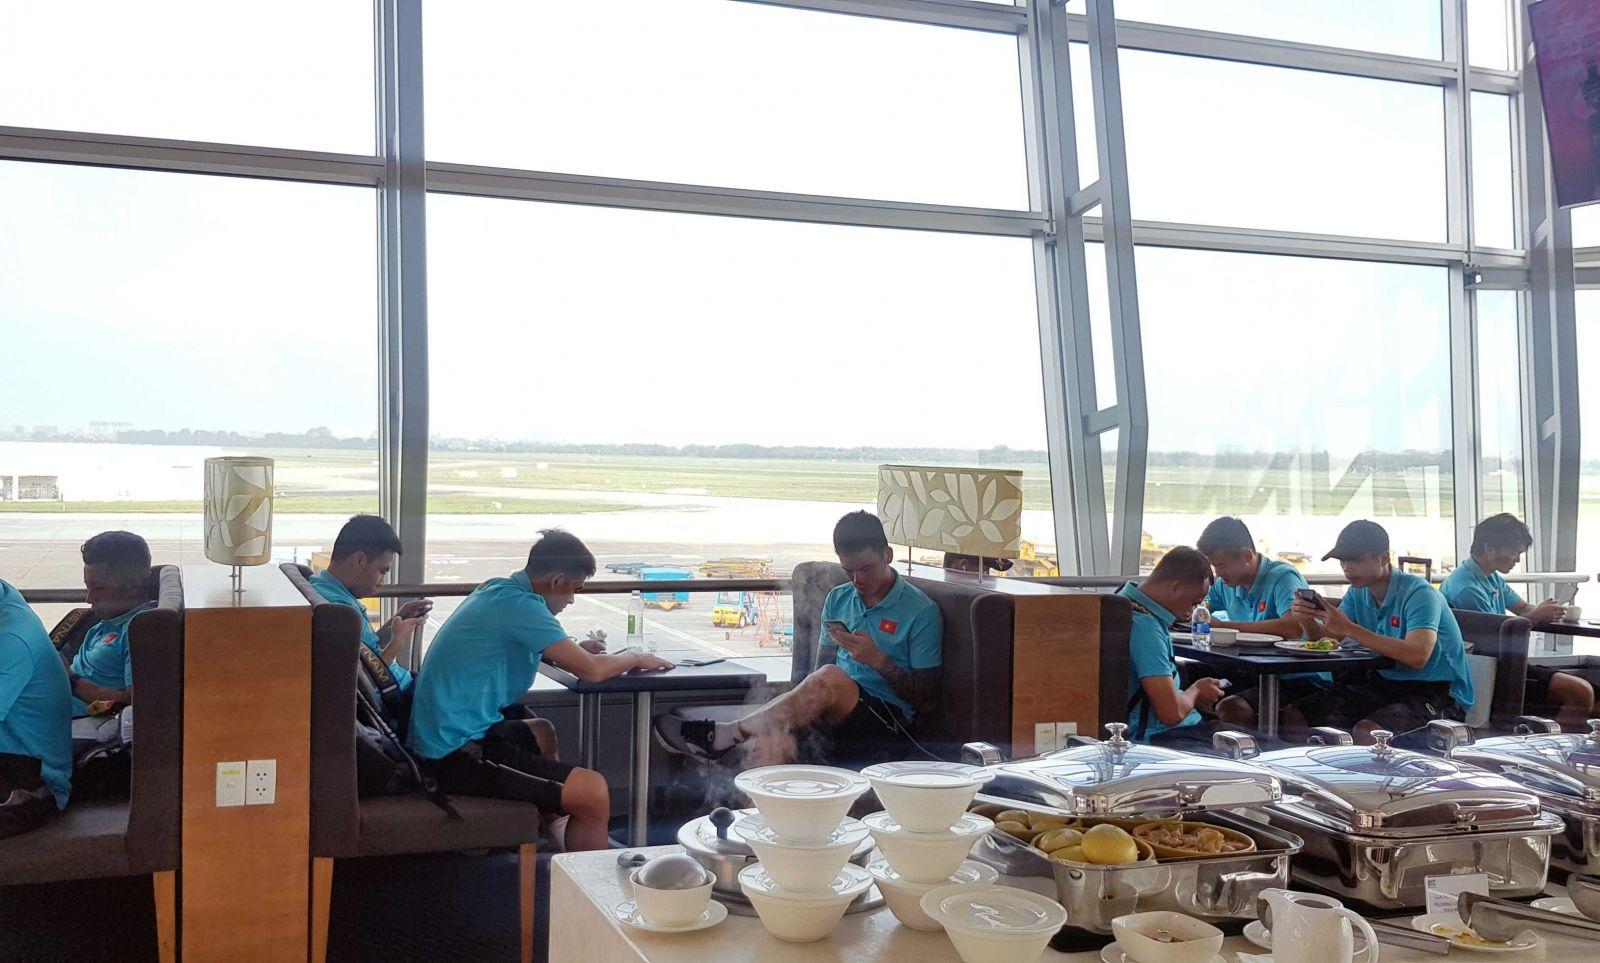 Thầy trò HLV Park Hang-seo tại phòng chờ thương gia tại sân bay.